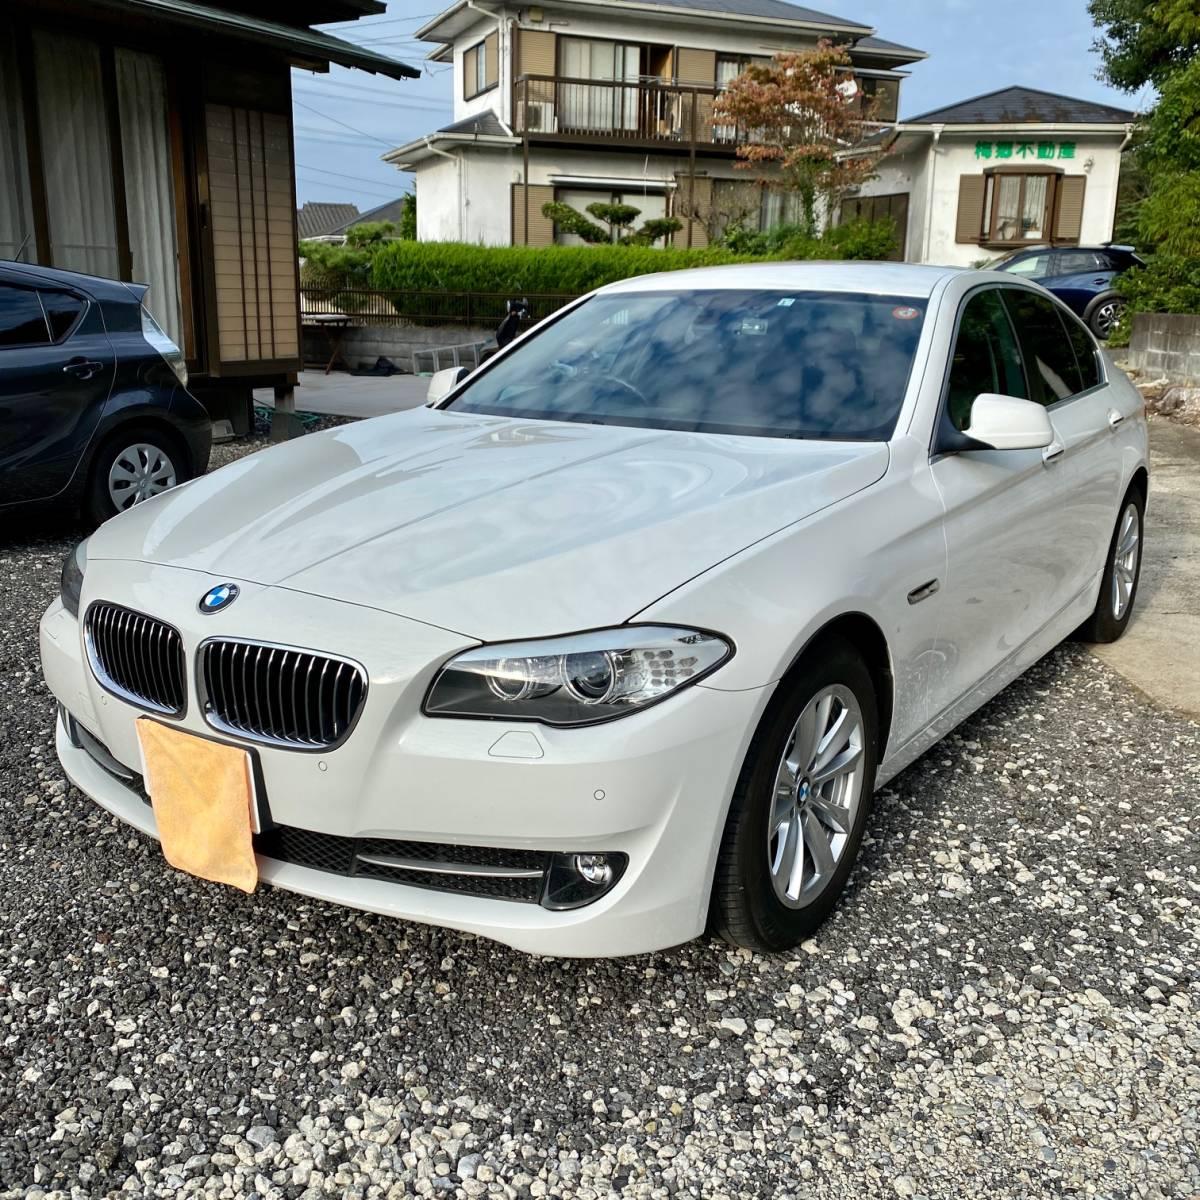 「【クリーンディーゼル】BMW☆523d☆ブルーパフォーマンス☆ハイラインPKG☆ナビ☆TV☆Bカメラ☆ETC☆レザーシート☆シートヒーター☆」の画像2